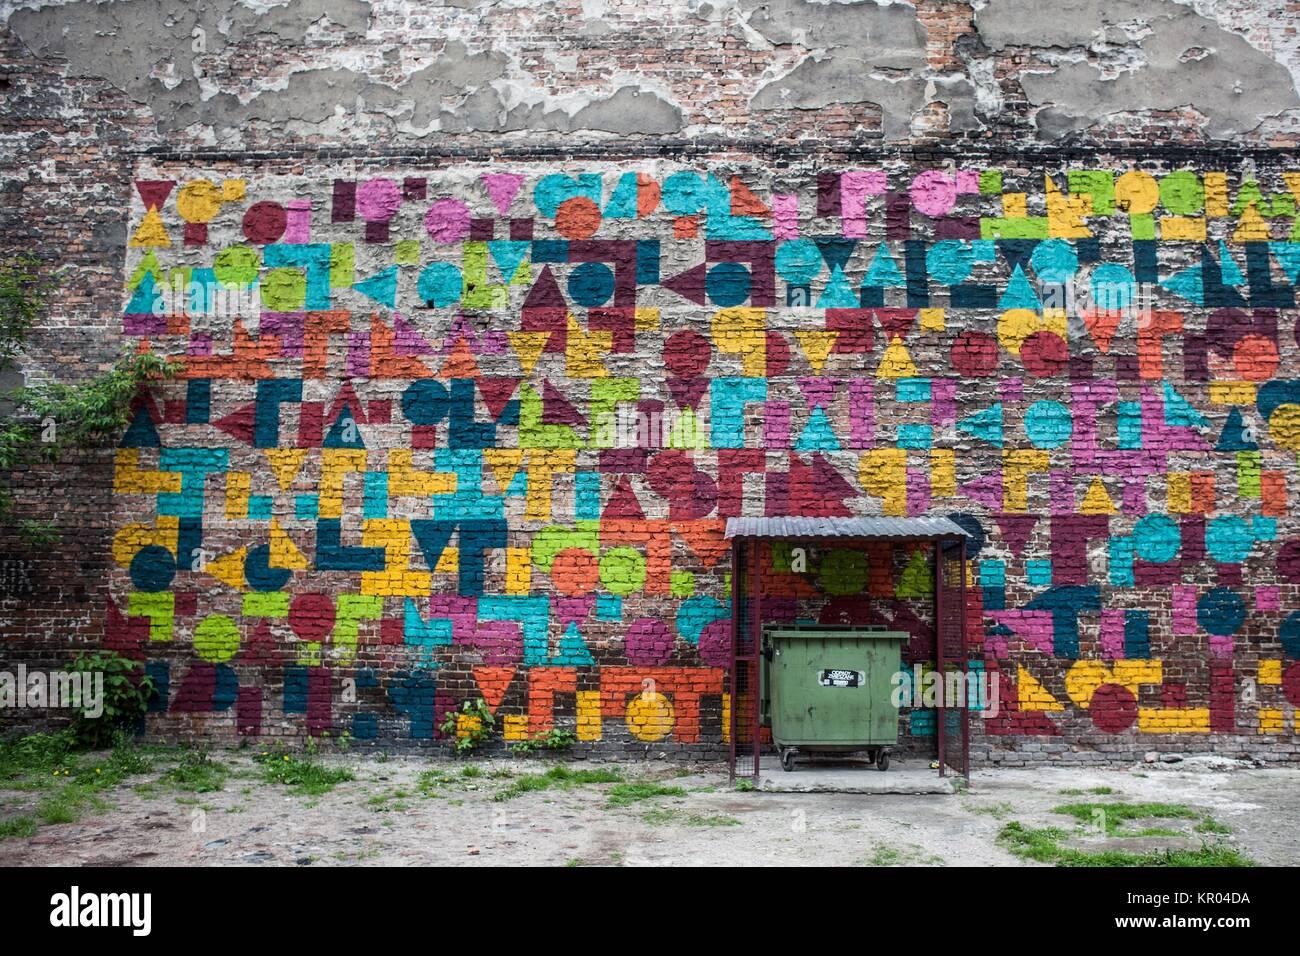 Street Art in Warsaw Praga district - Stock Image